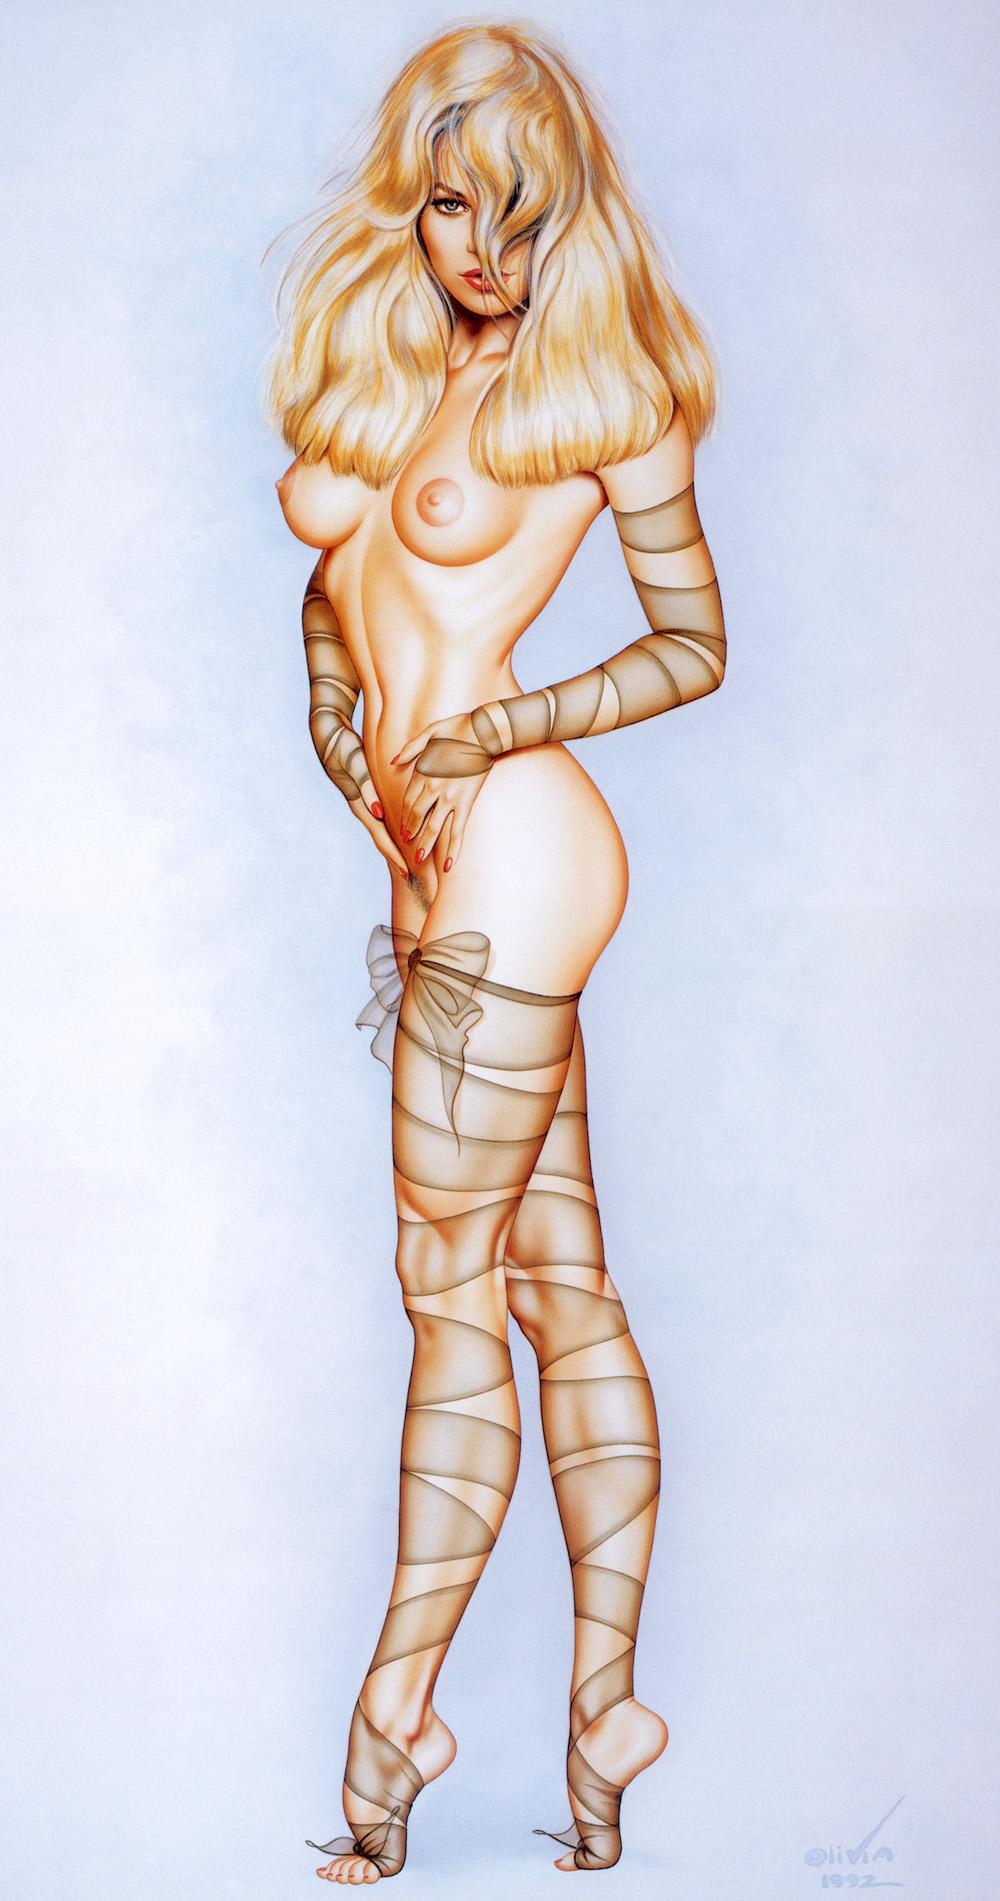 Галереи рисованной эротики 13 фотография